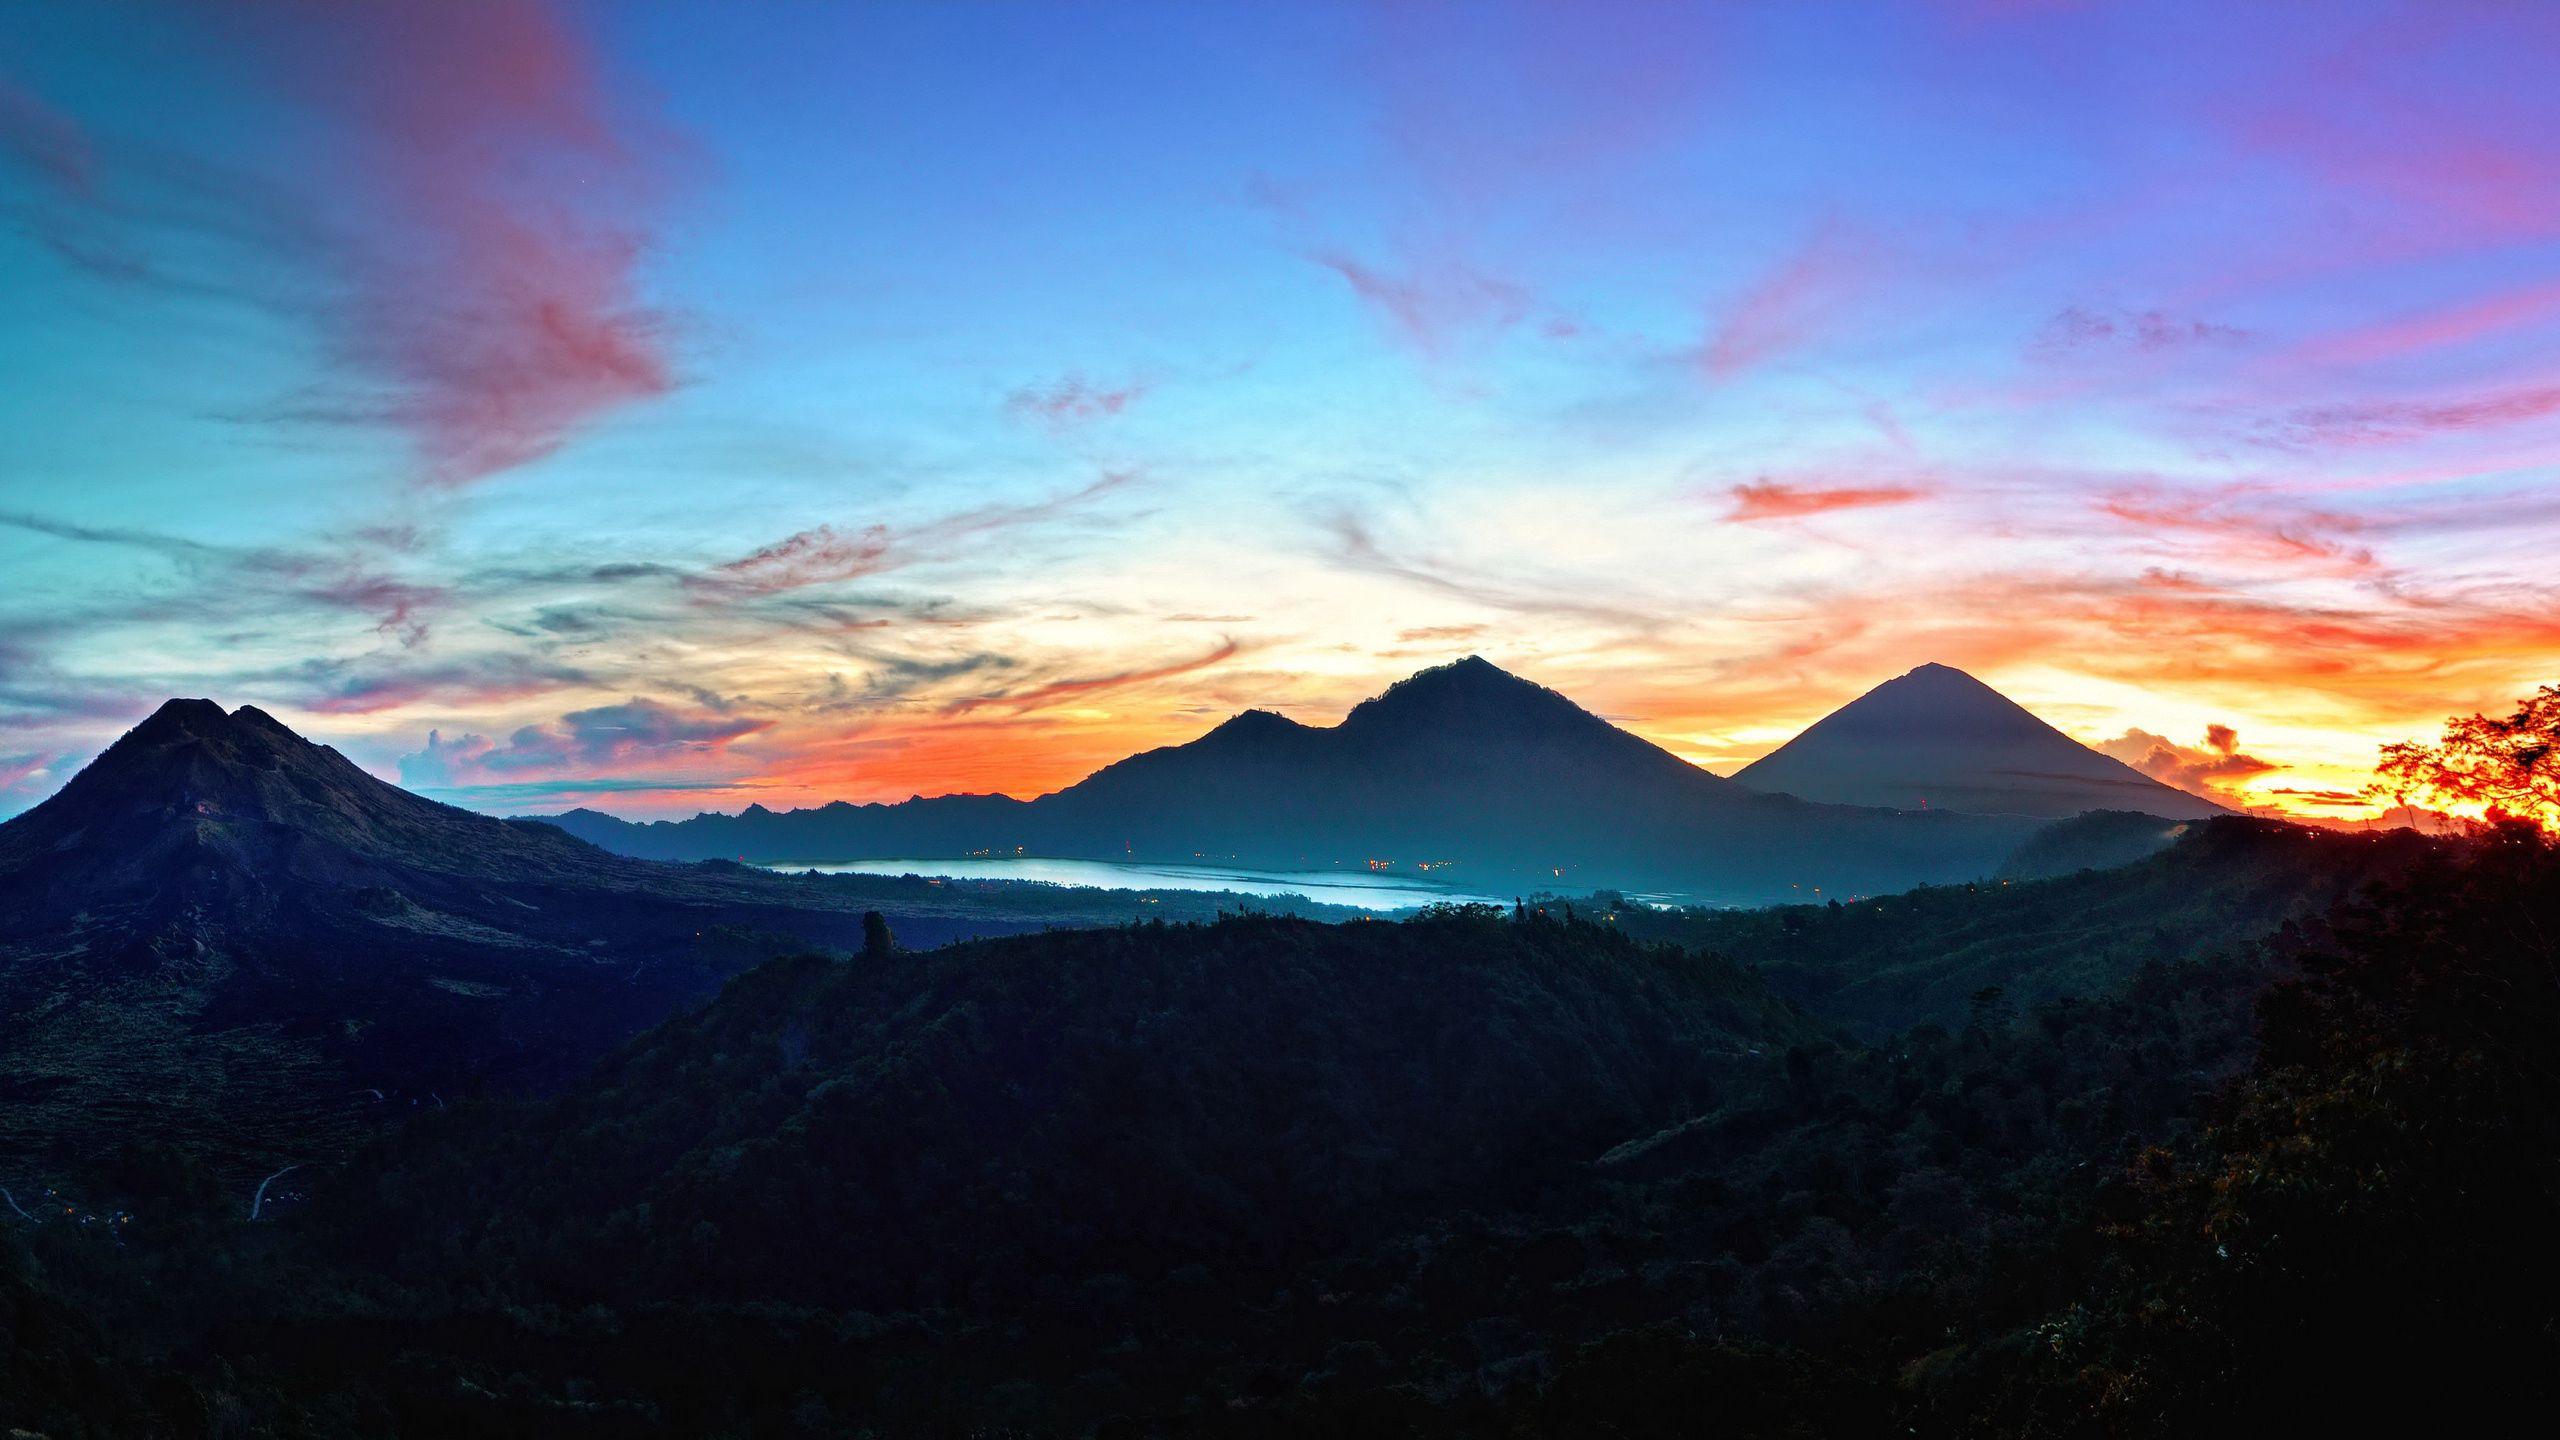 115993 Protetores de tela e papéis de parede Montanhas em seu telefone. Baixe Natureza, Céu, Montanhas, Nascer Do Sol, Bali, Indonésia, Kintamani fotos gratuitamente